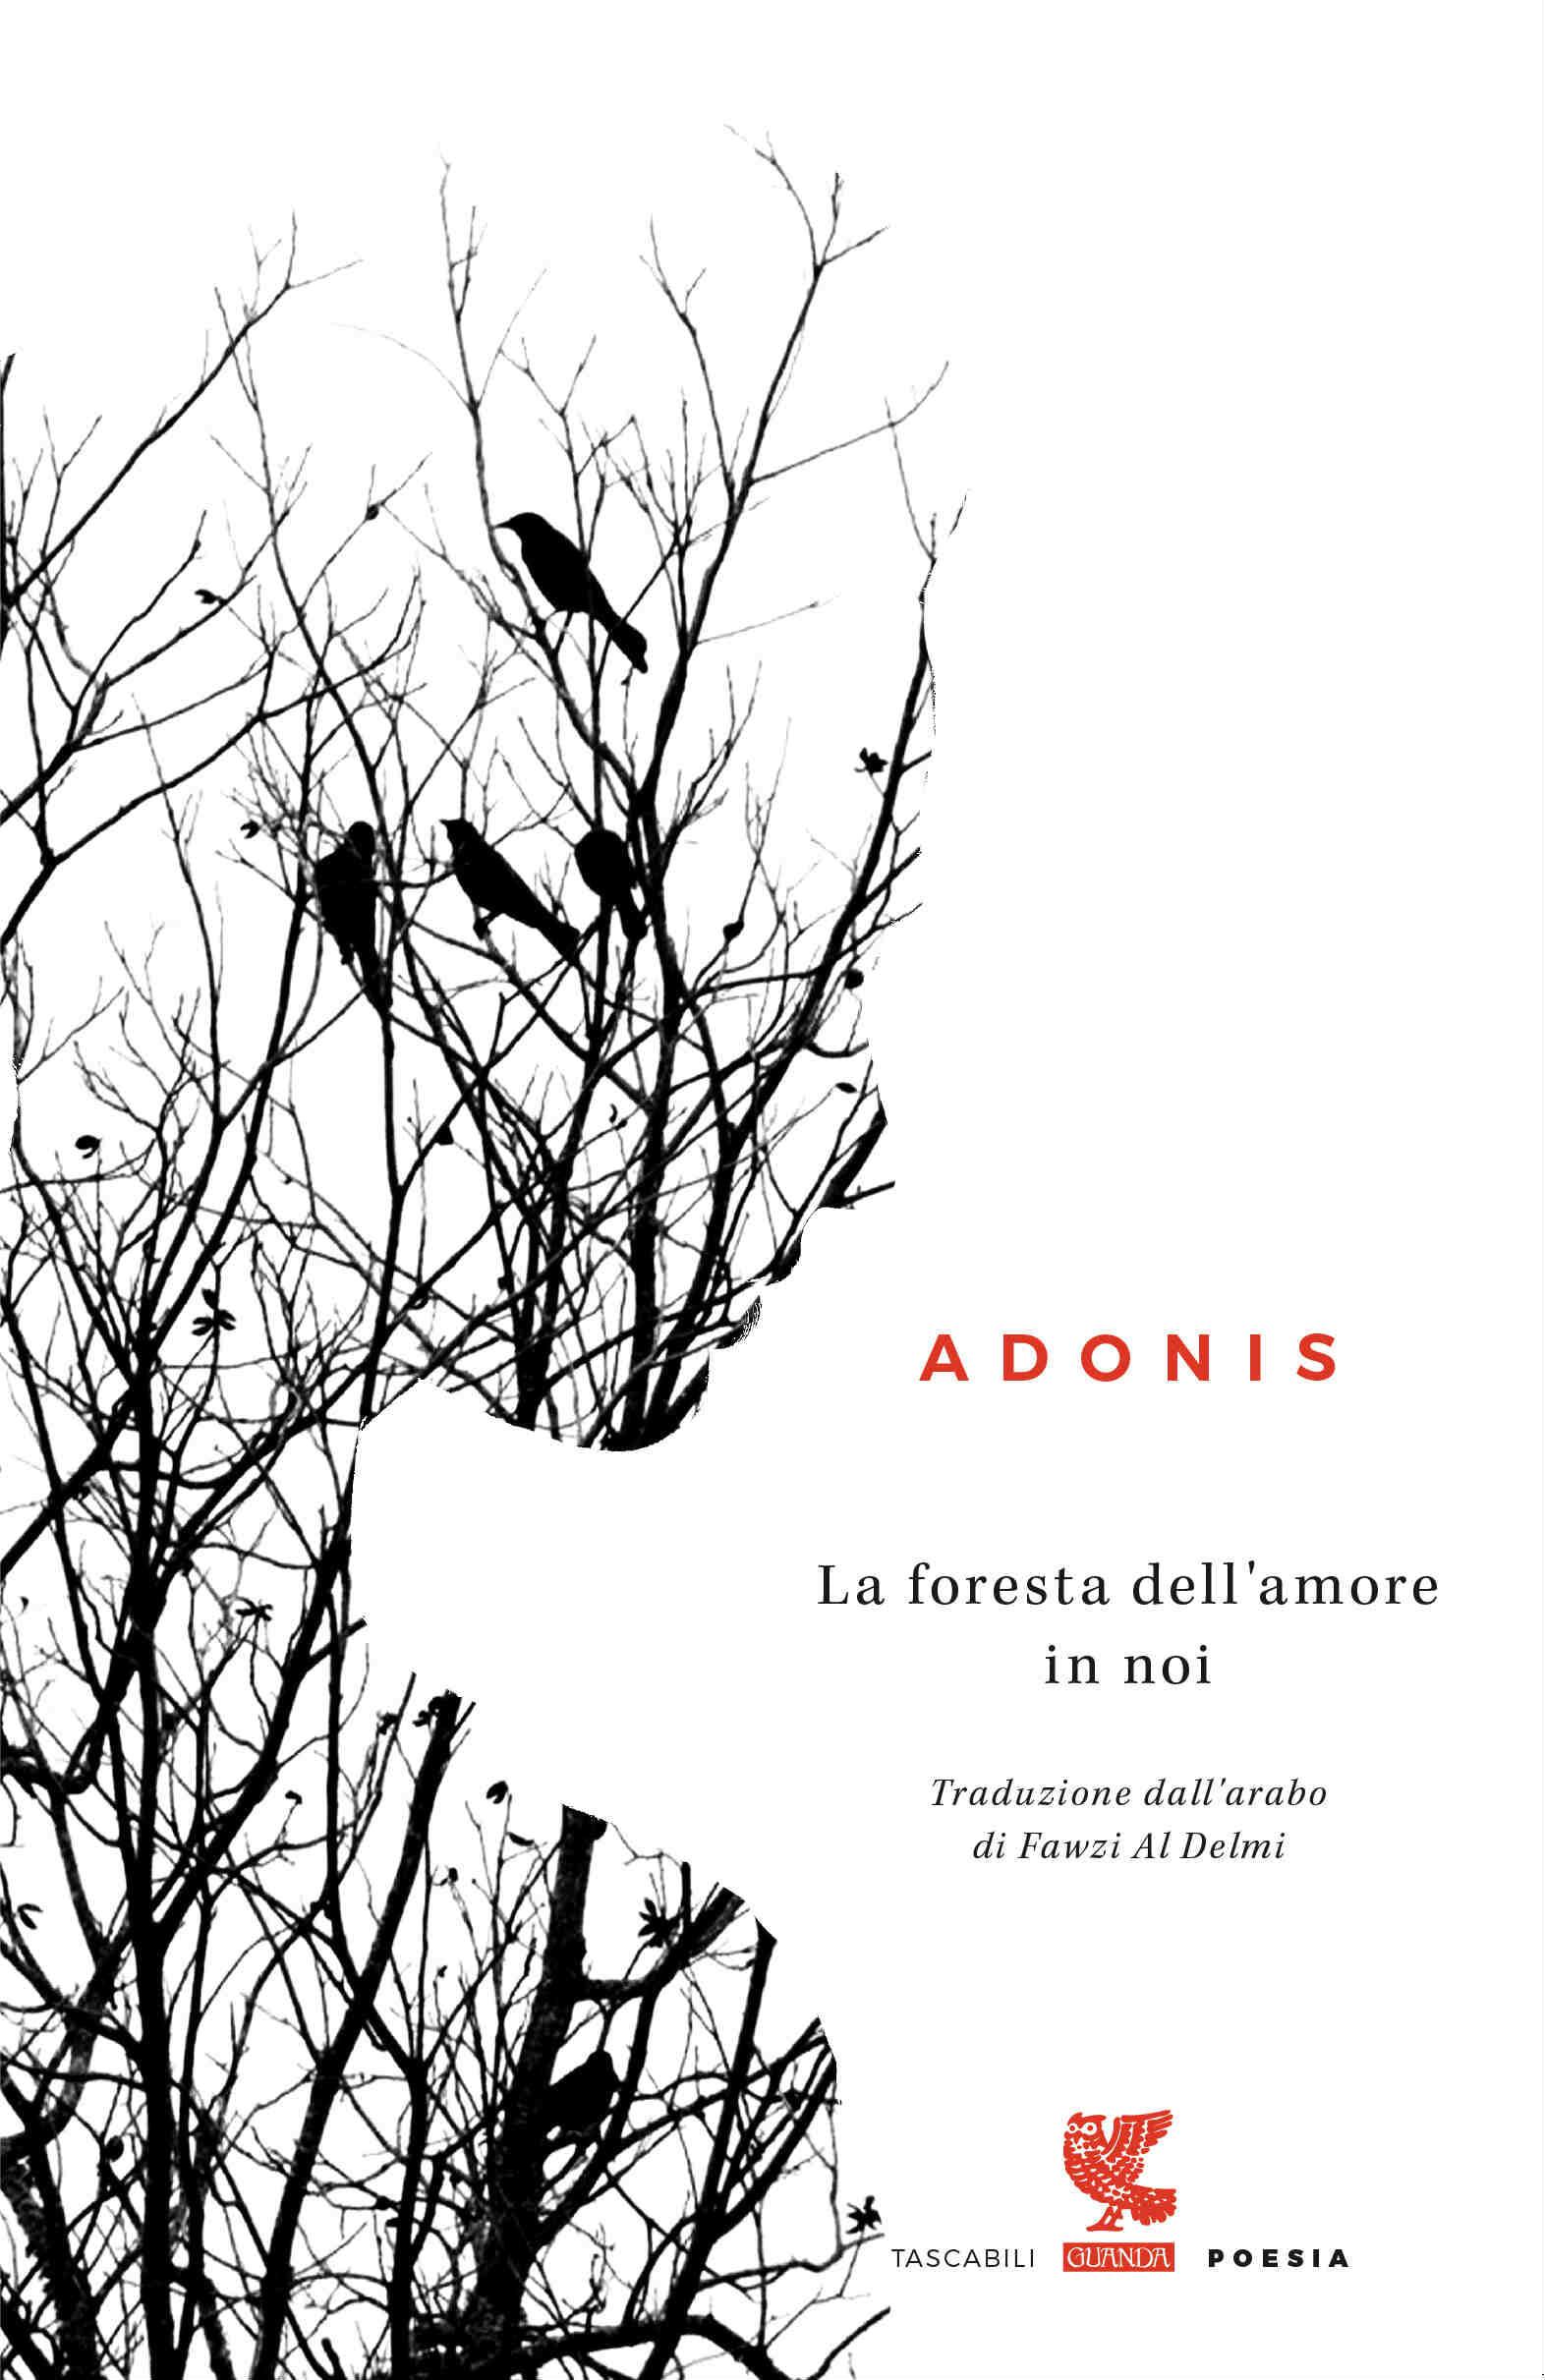 Adonis La foresta dellamore